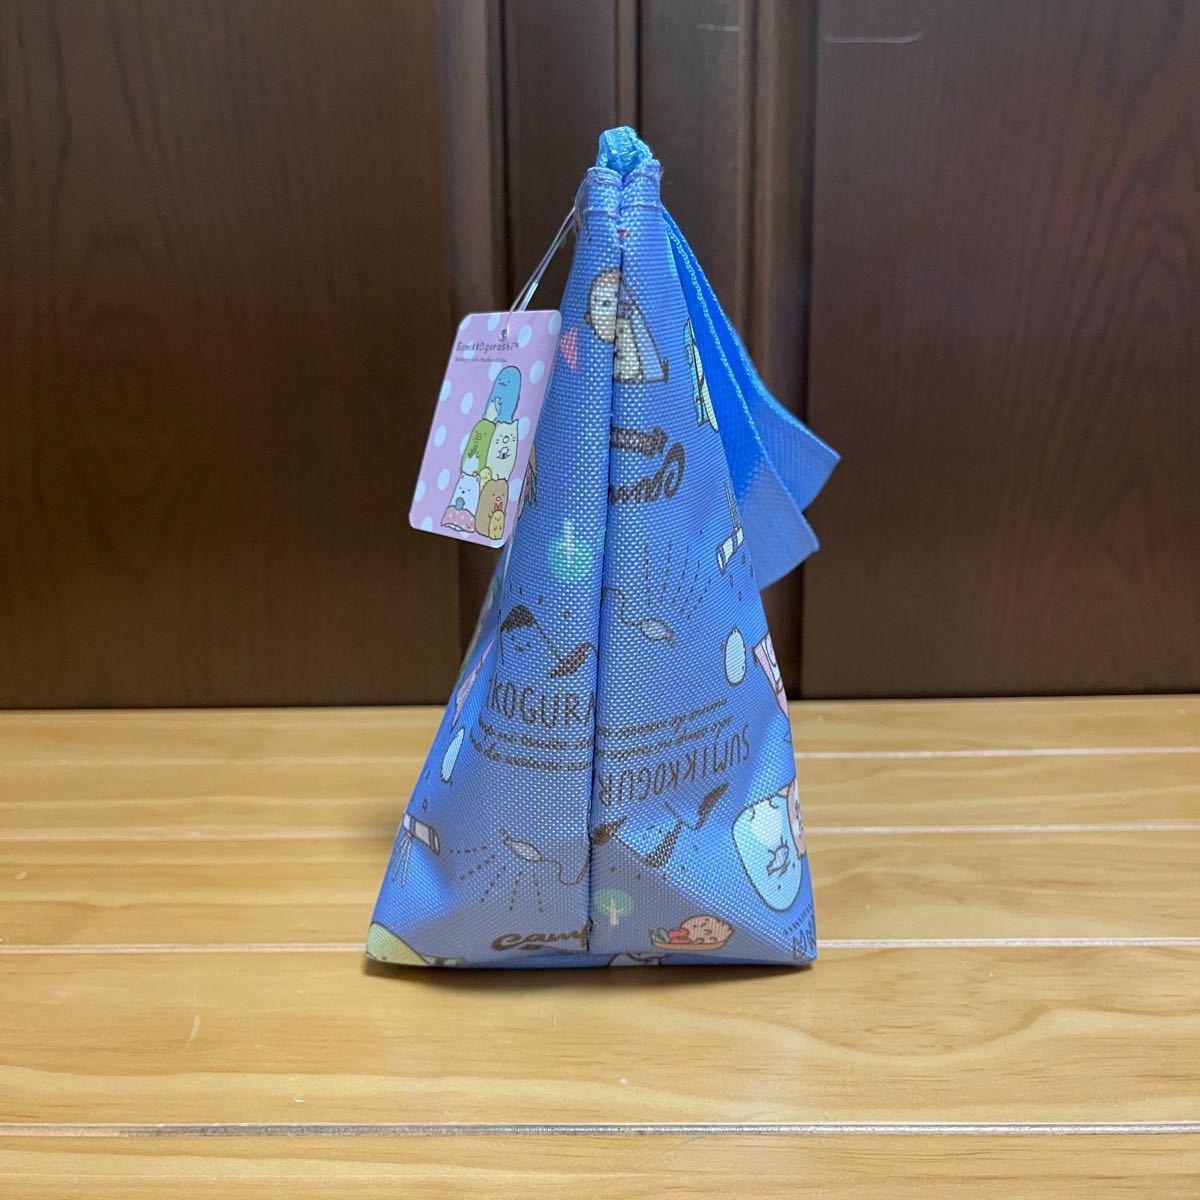 【すみっコぐらし】保冷ランチトートバッグ(ブルー)